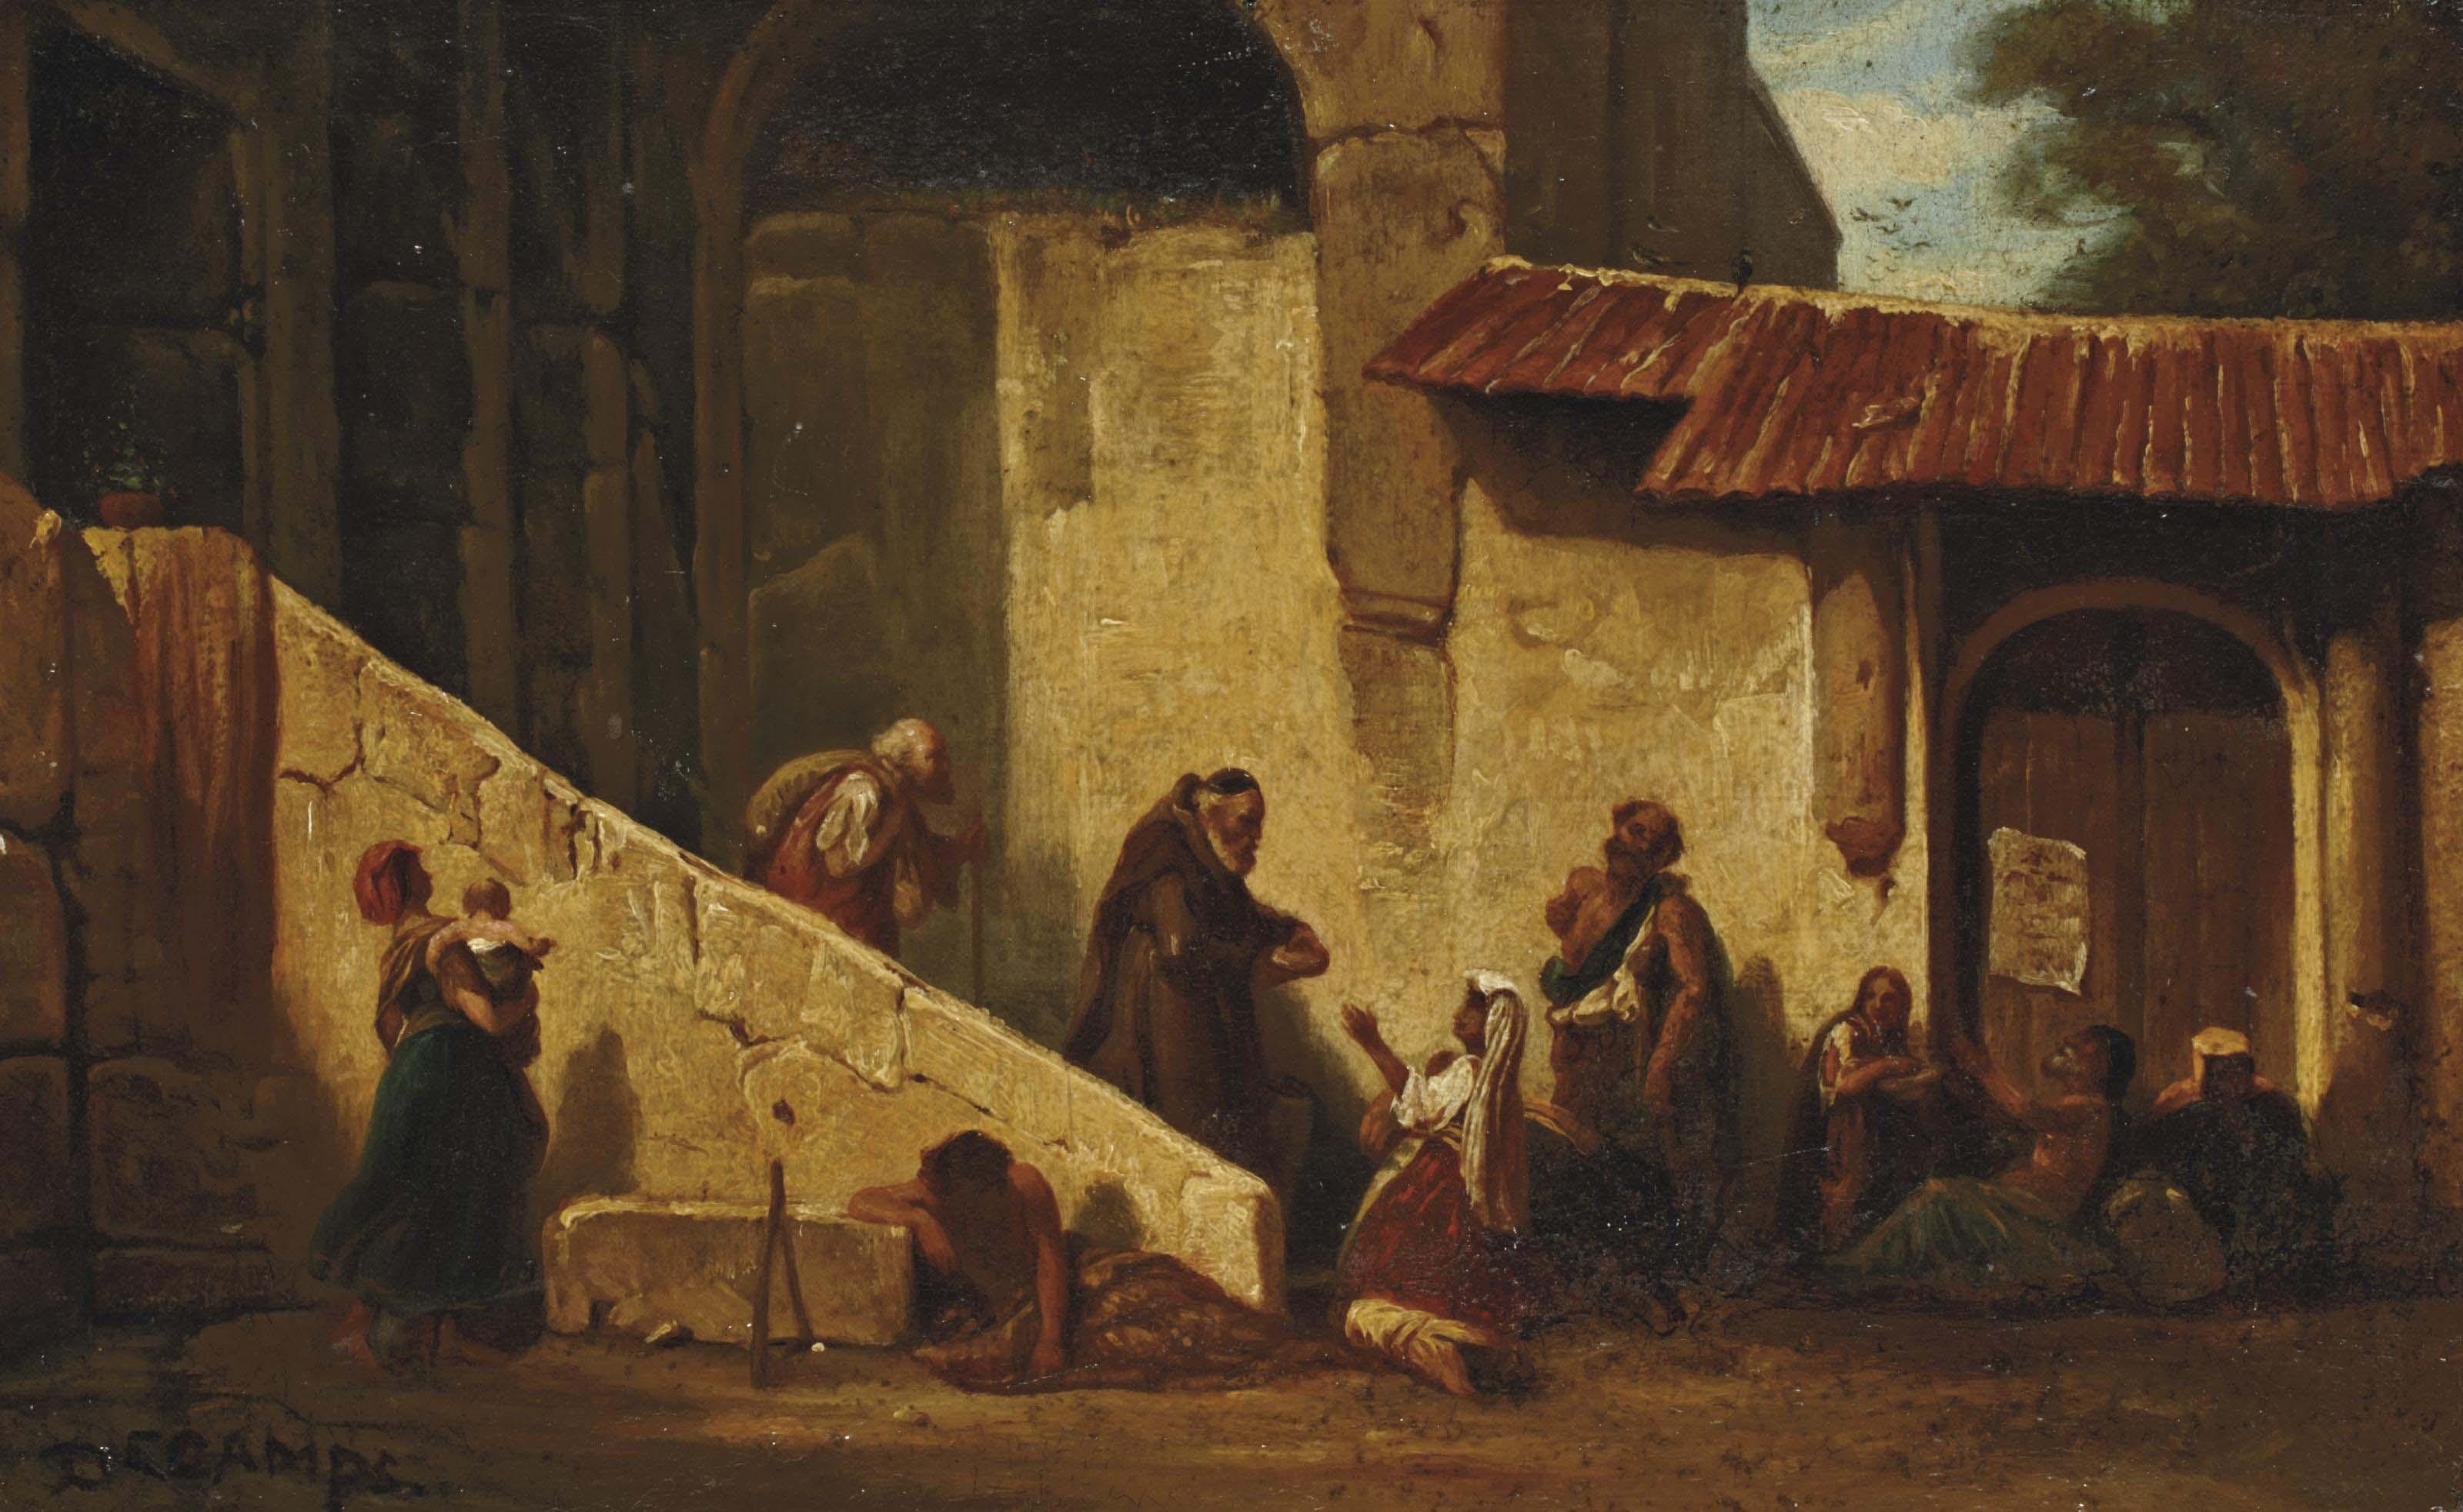 Moine auprès de mendiants dans une cour